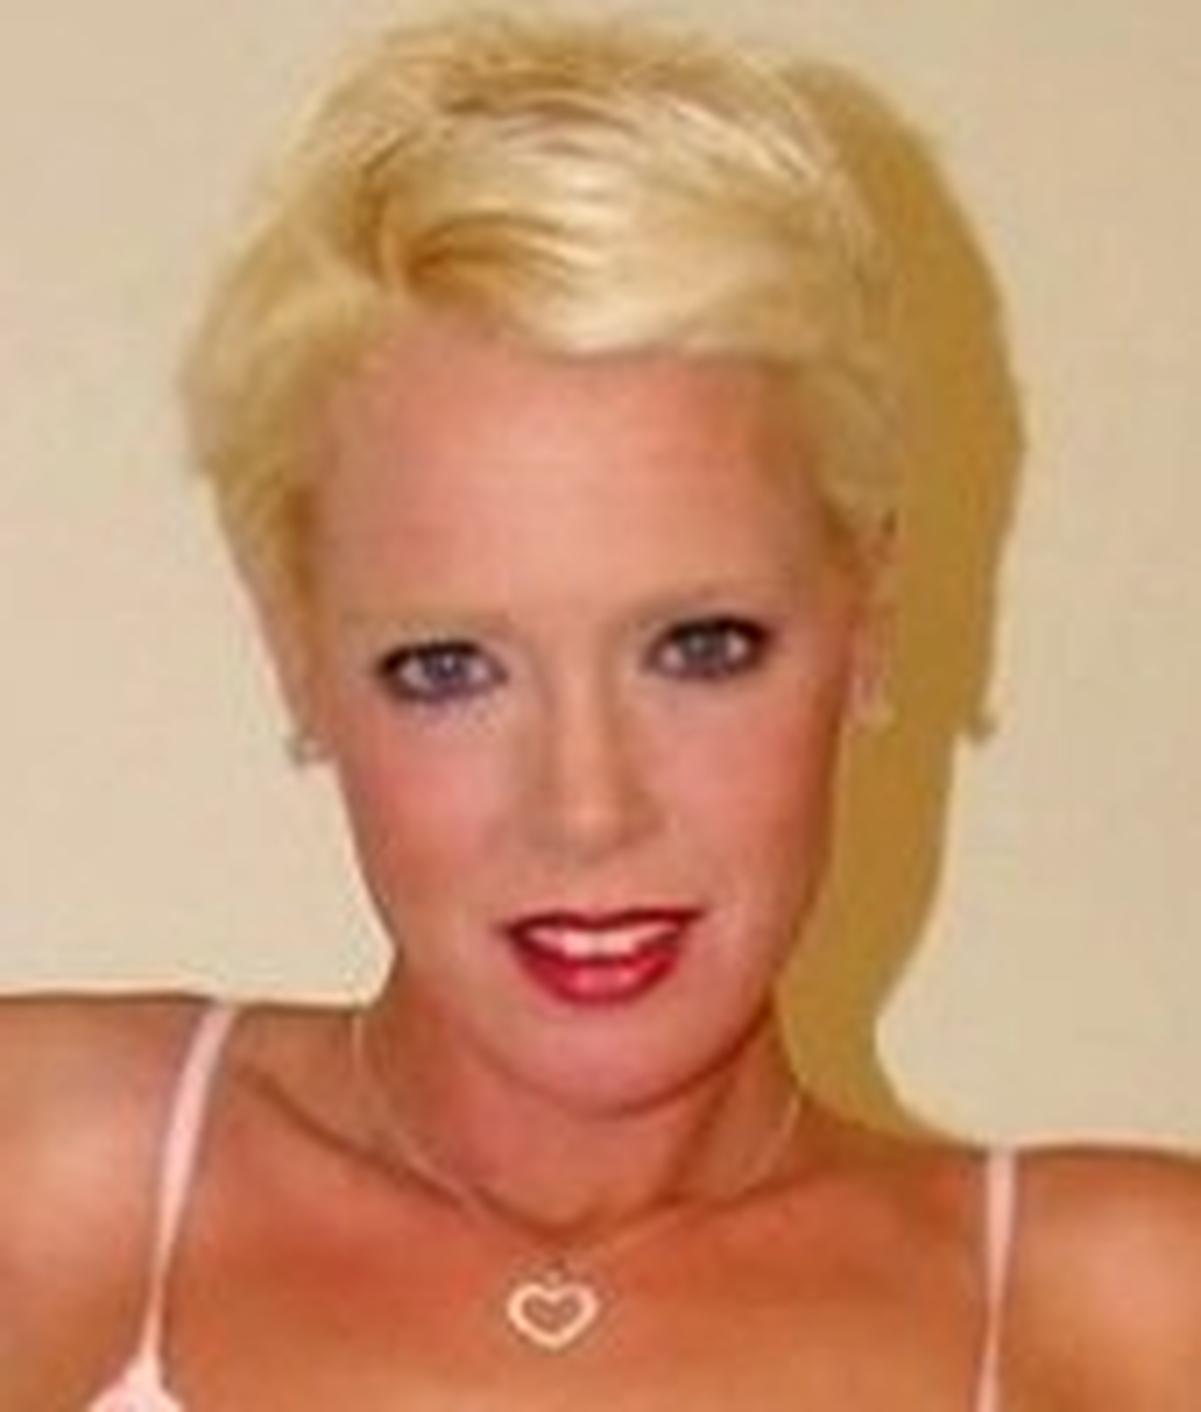 Kyra Rossi